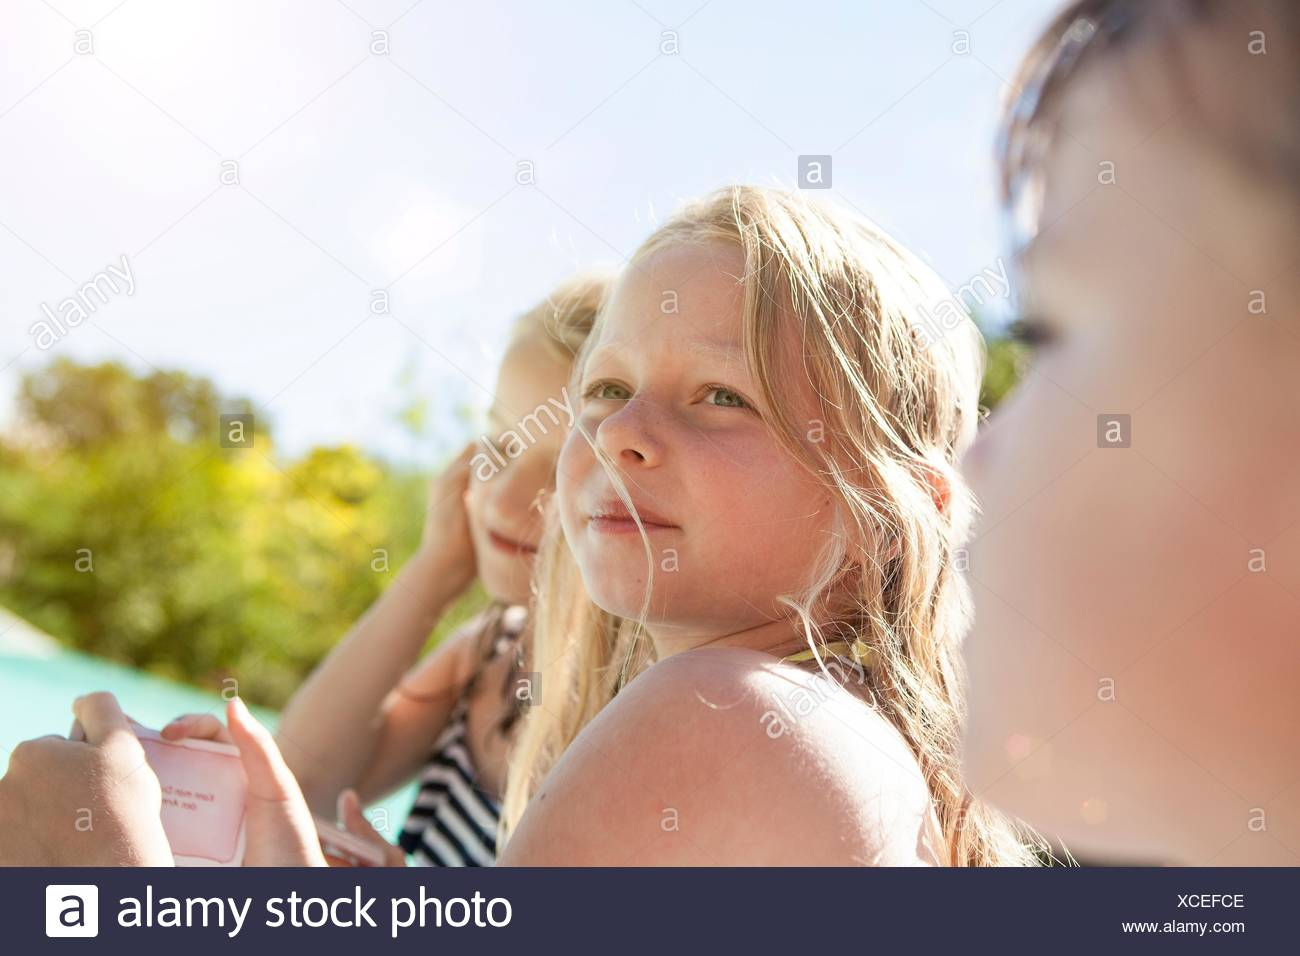 Tres niños pequeños, al aire libre, mirando lejos Imagen De Stock